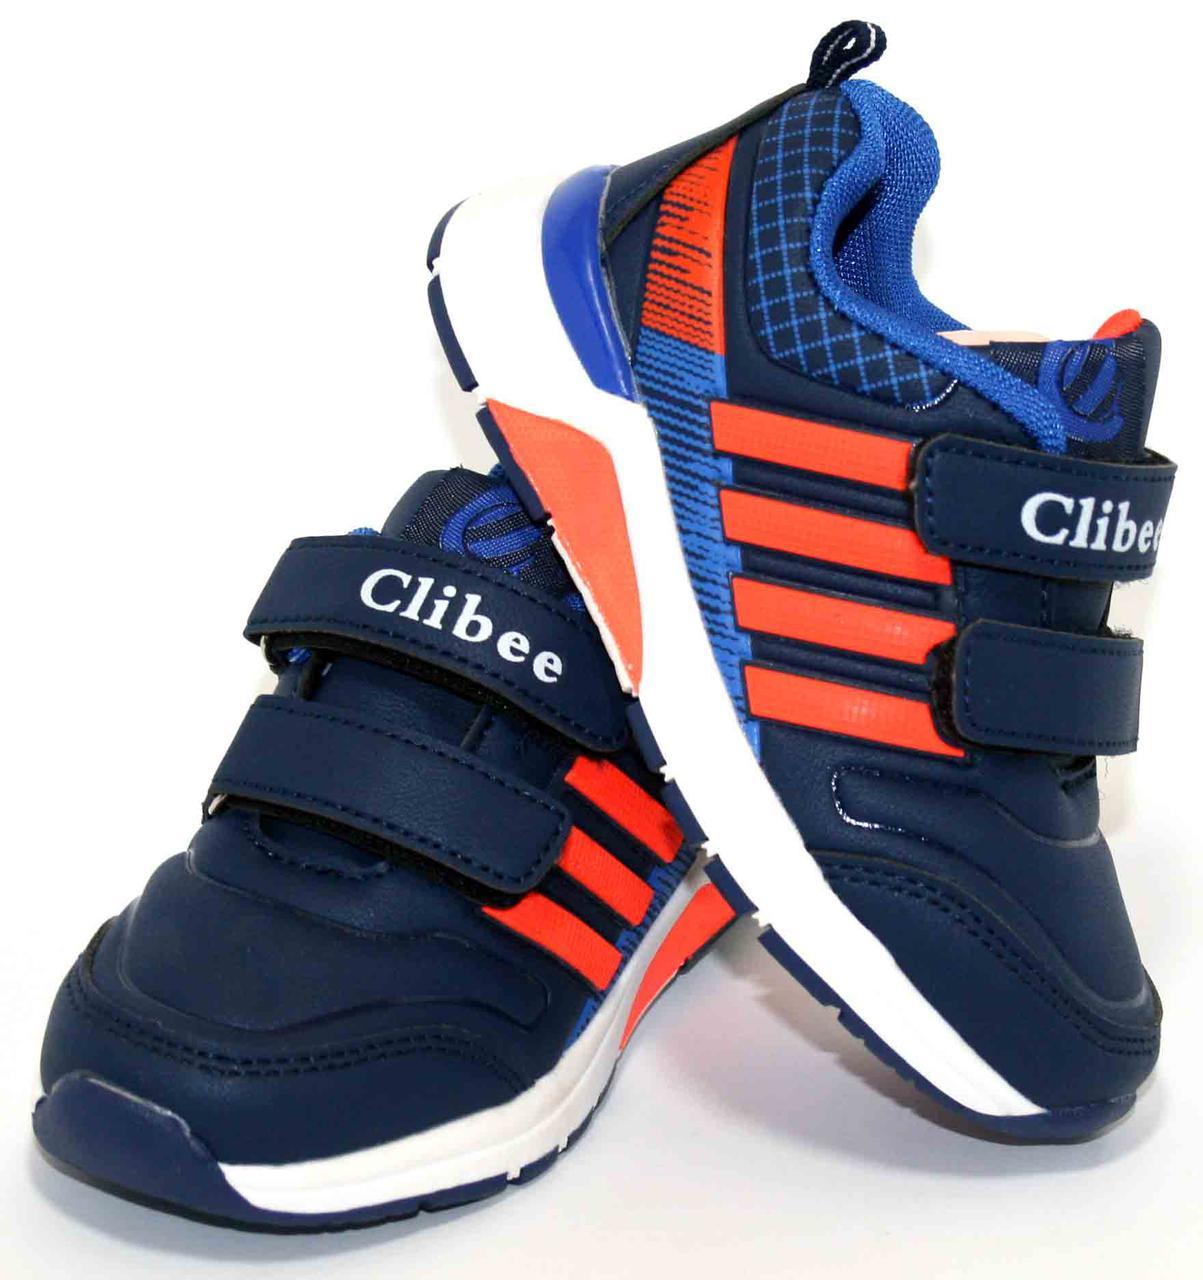 Детские кроссовки для мальчика Clibee Польша размеры 26-31